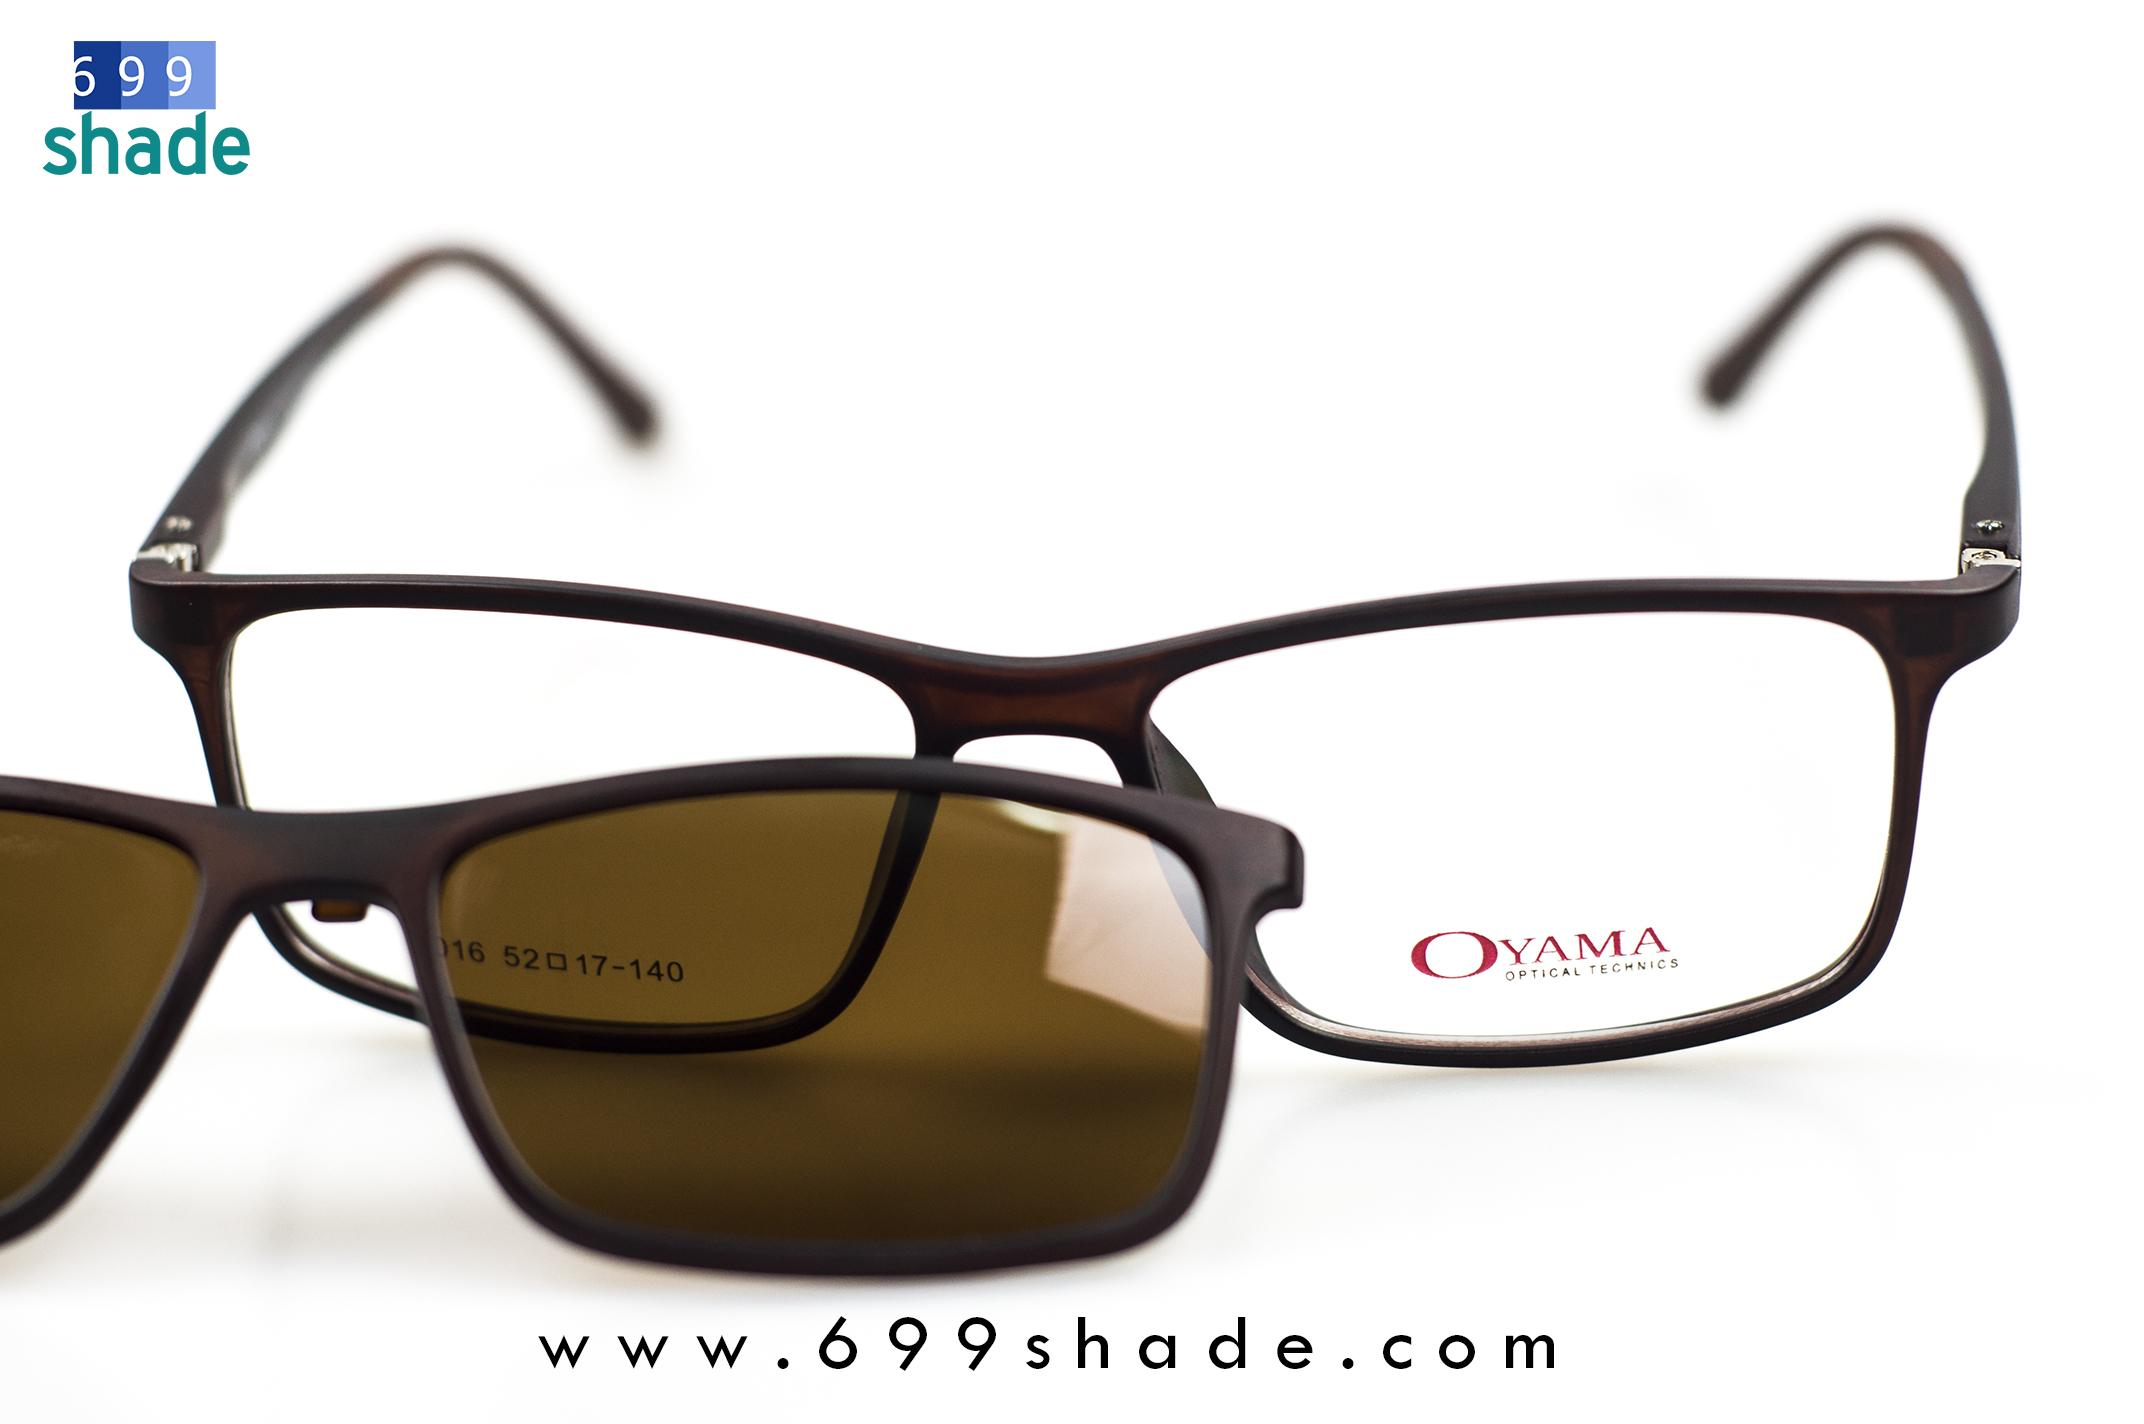 Oyama 9016 C3